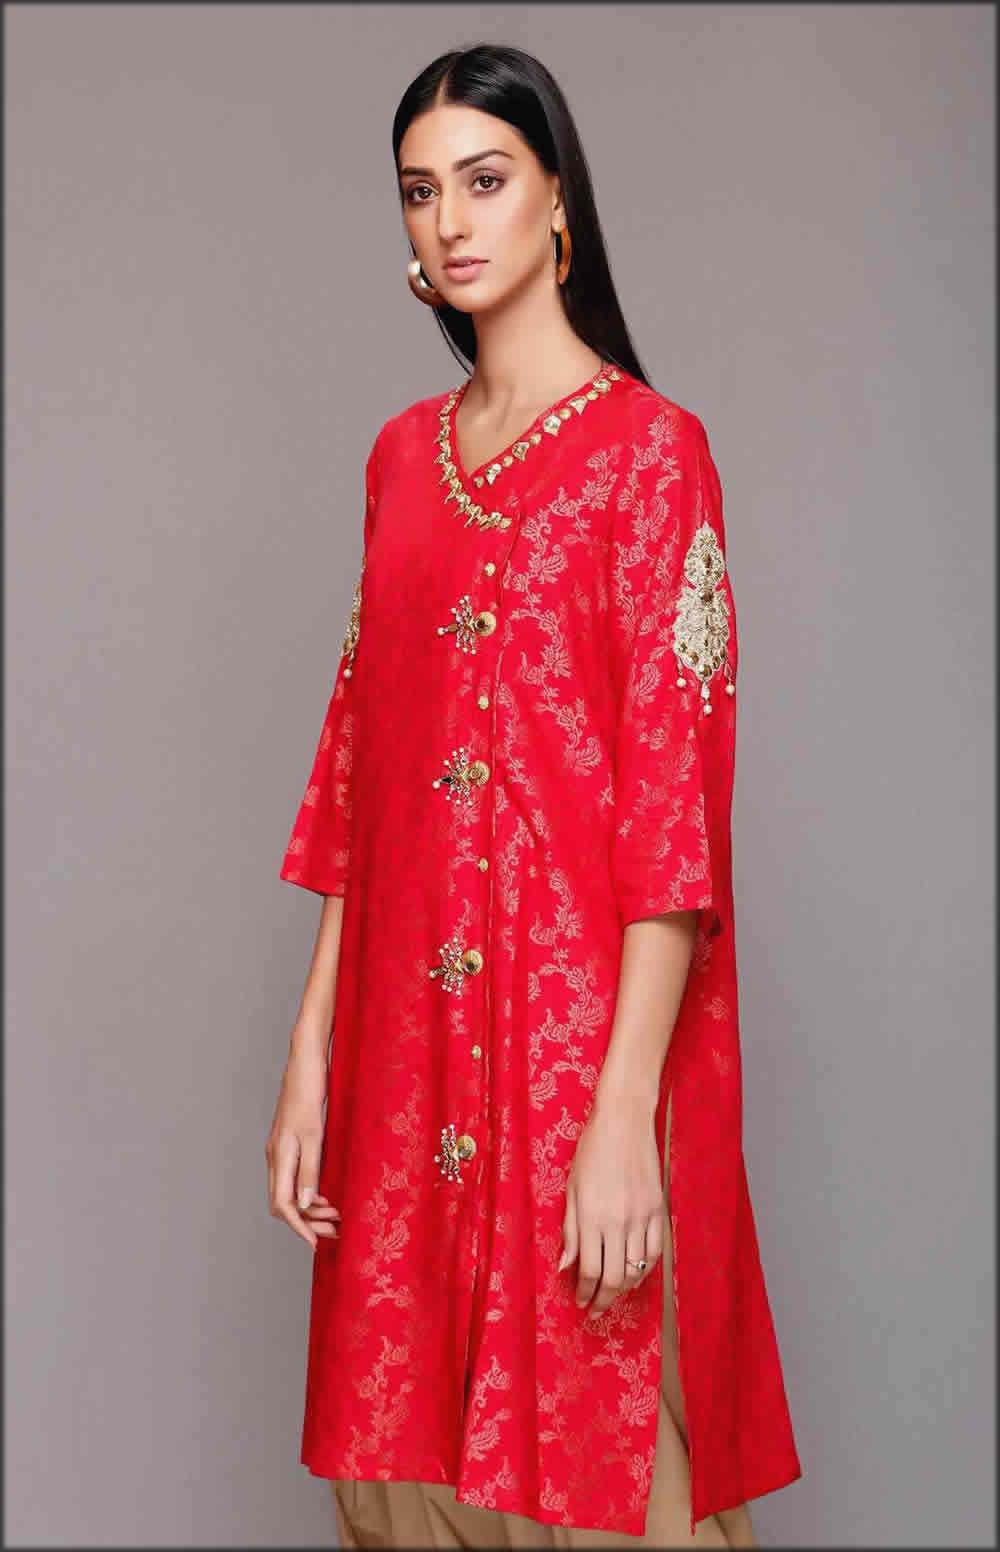 Red Jall Jhumka Shirt